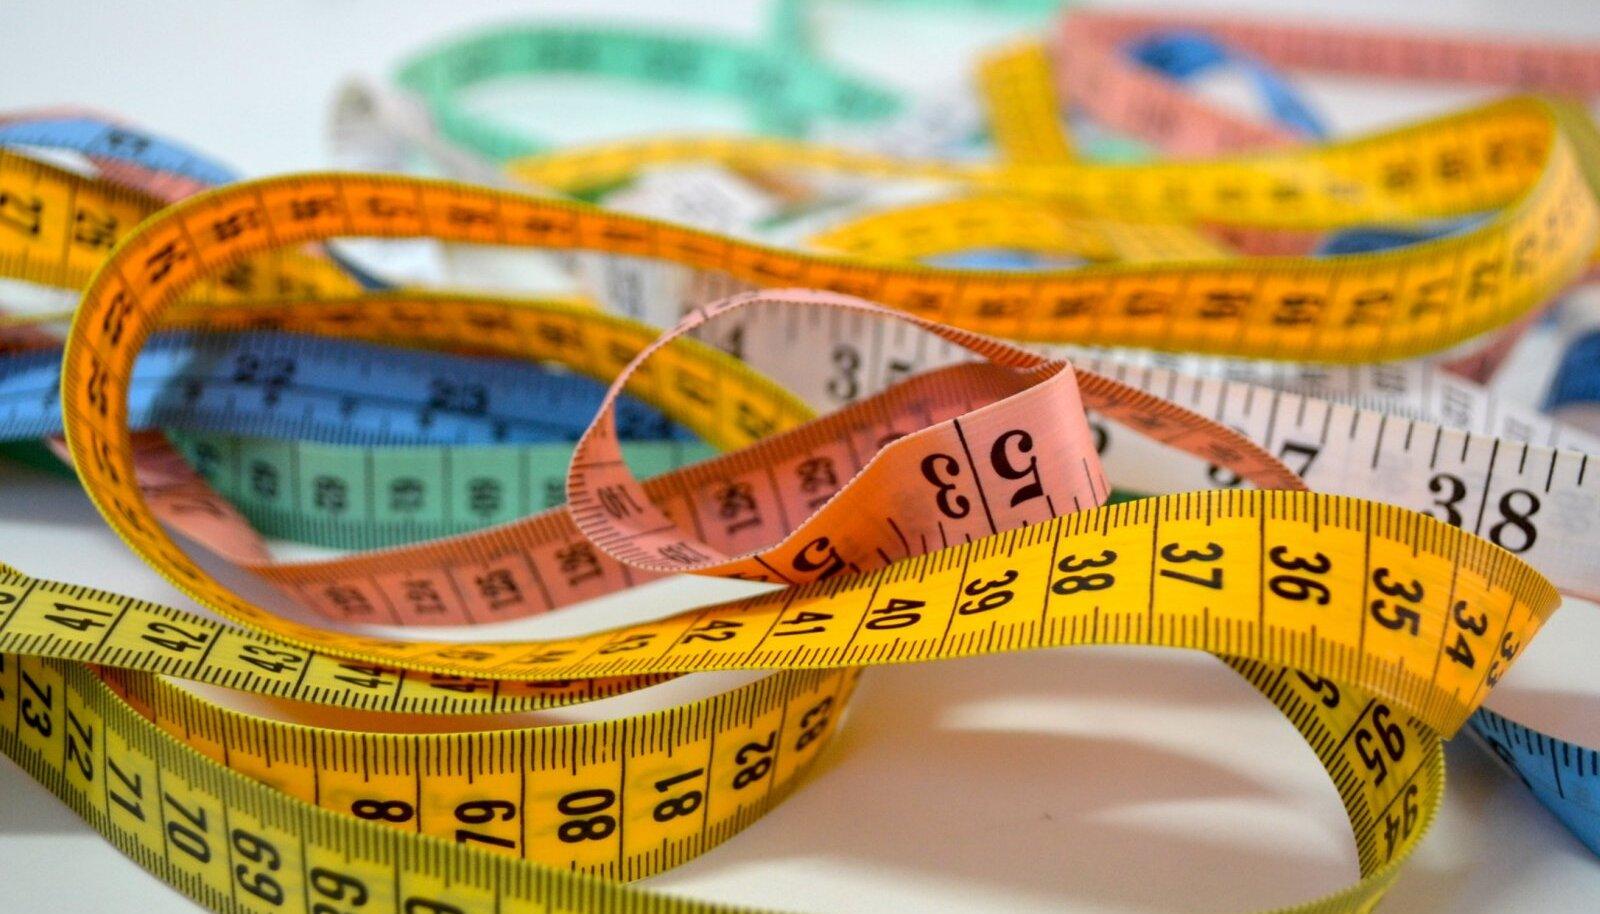 kuidas kaotada kaalu paastumise ajal kuidas 10 kg kaalulangus uhe kuu jooksul